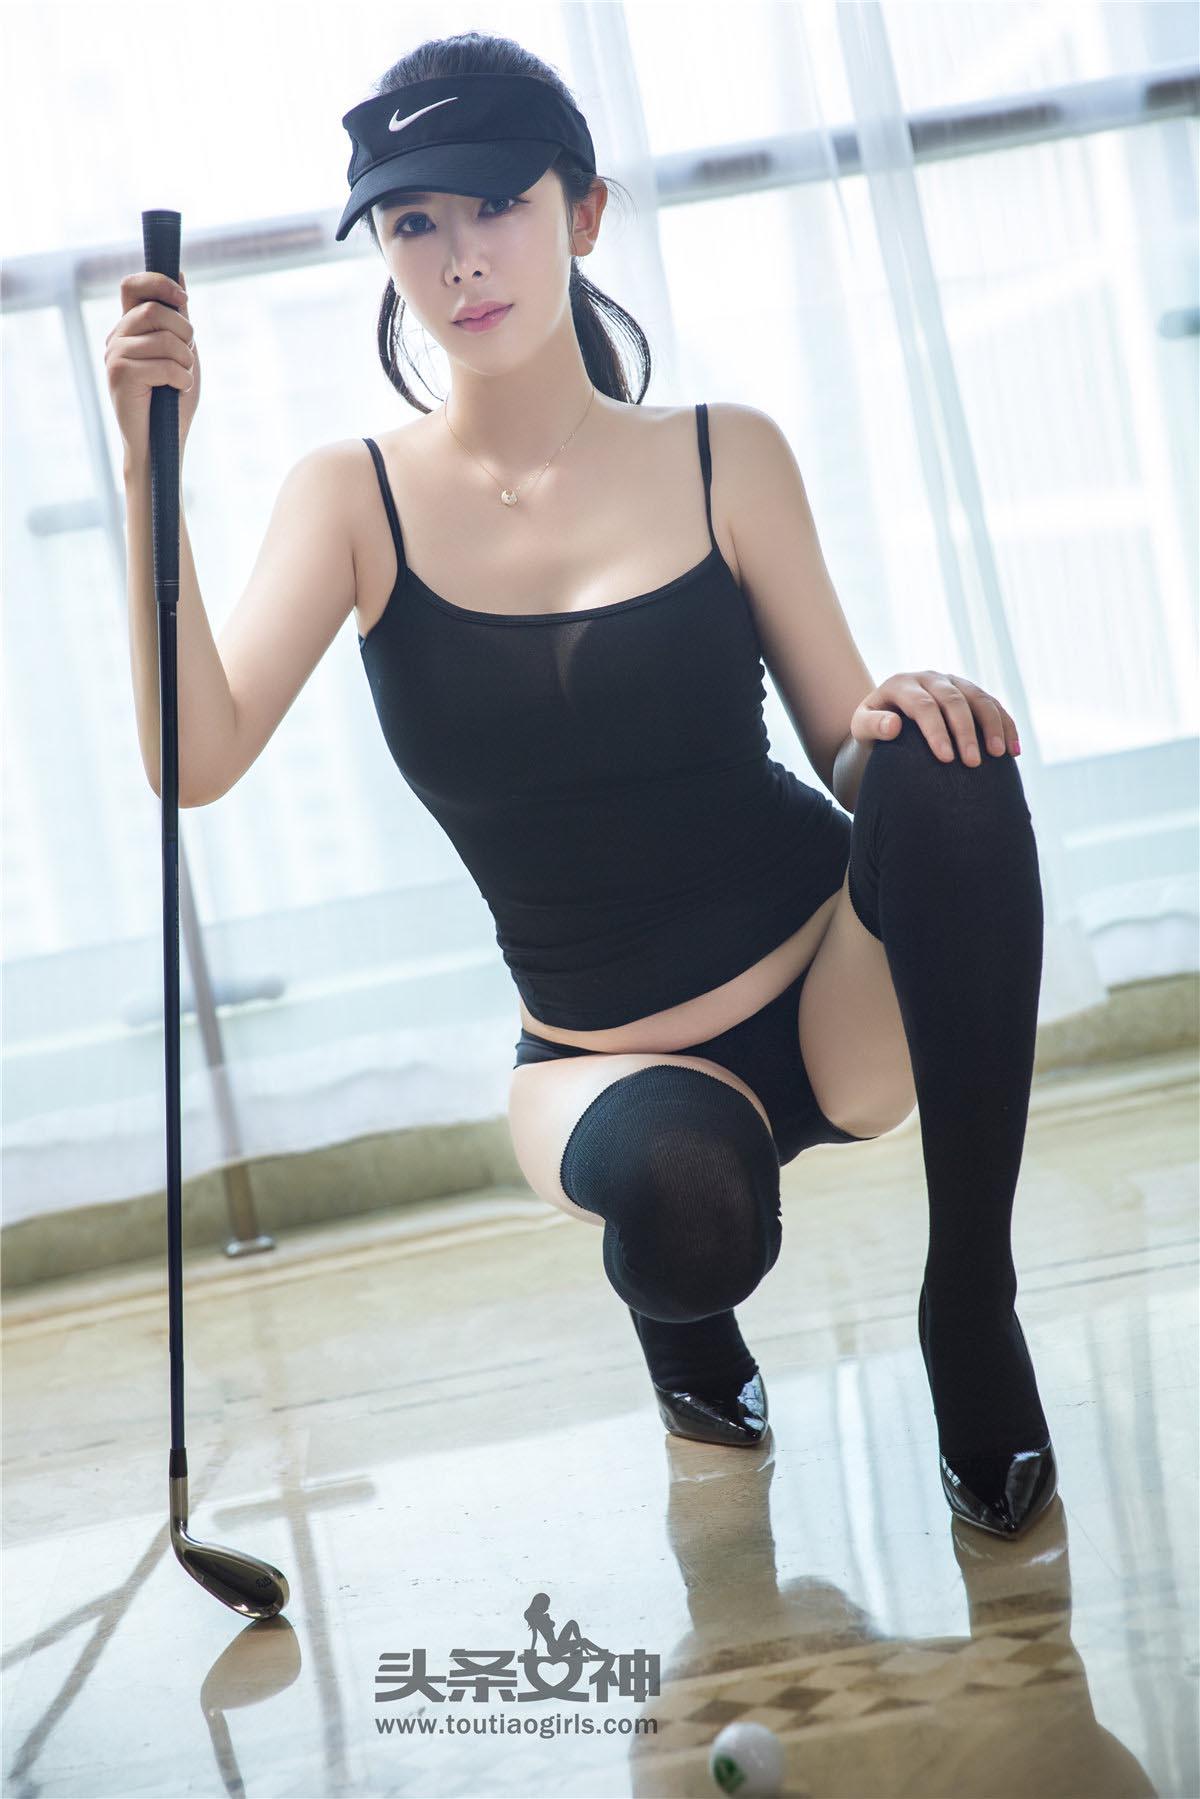 李丽莎培训高尔夫集训一身黑紧身装20P